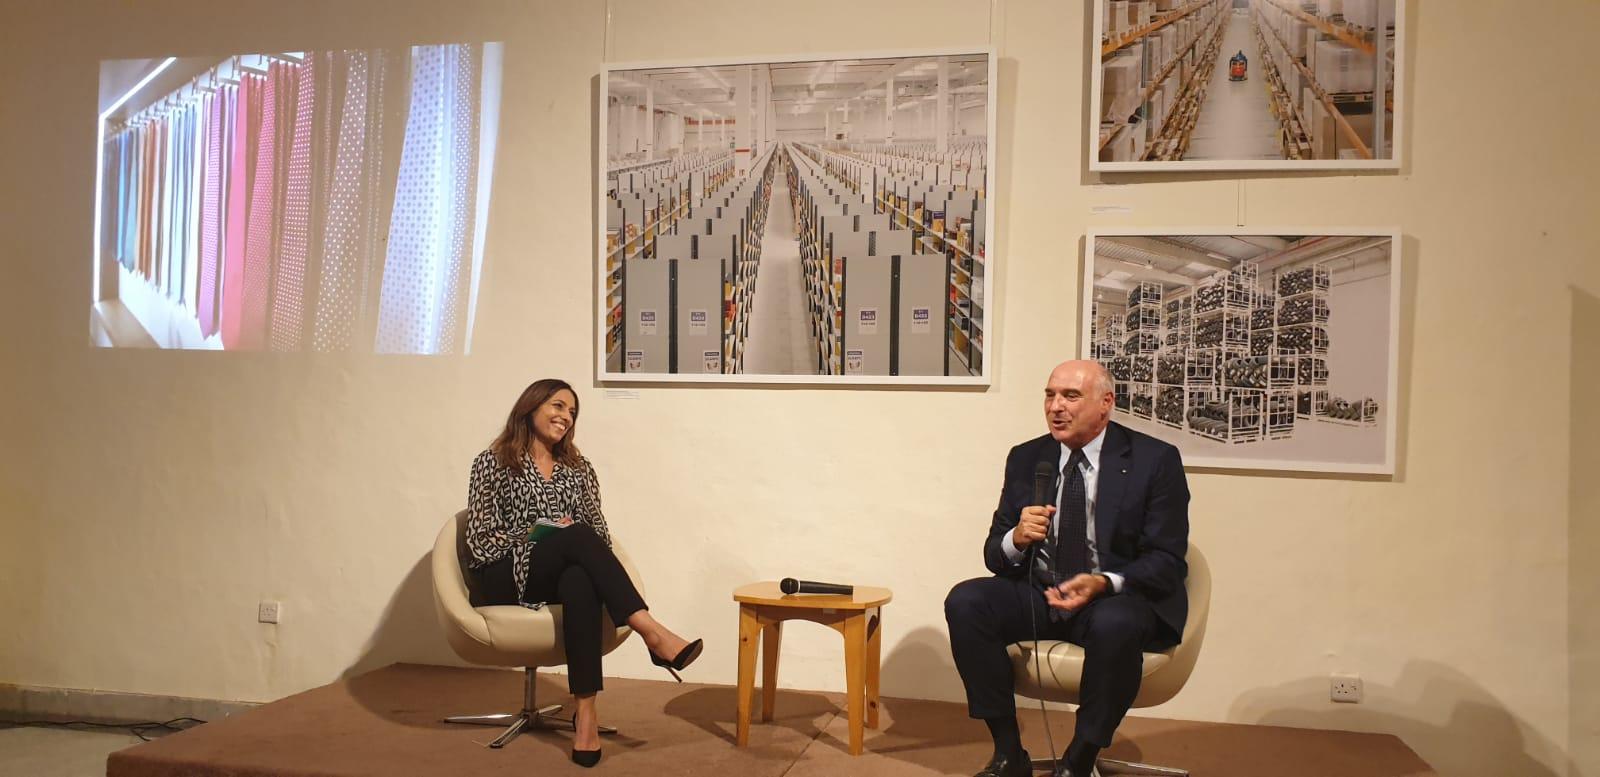 E. Marinella - il il Dottor Maurizio Marinella sul palco insieme a Paola stranges parla della sua attività